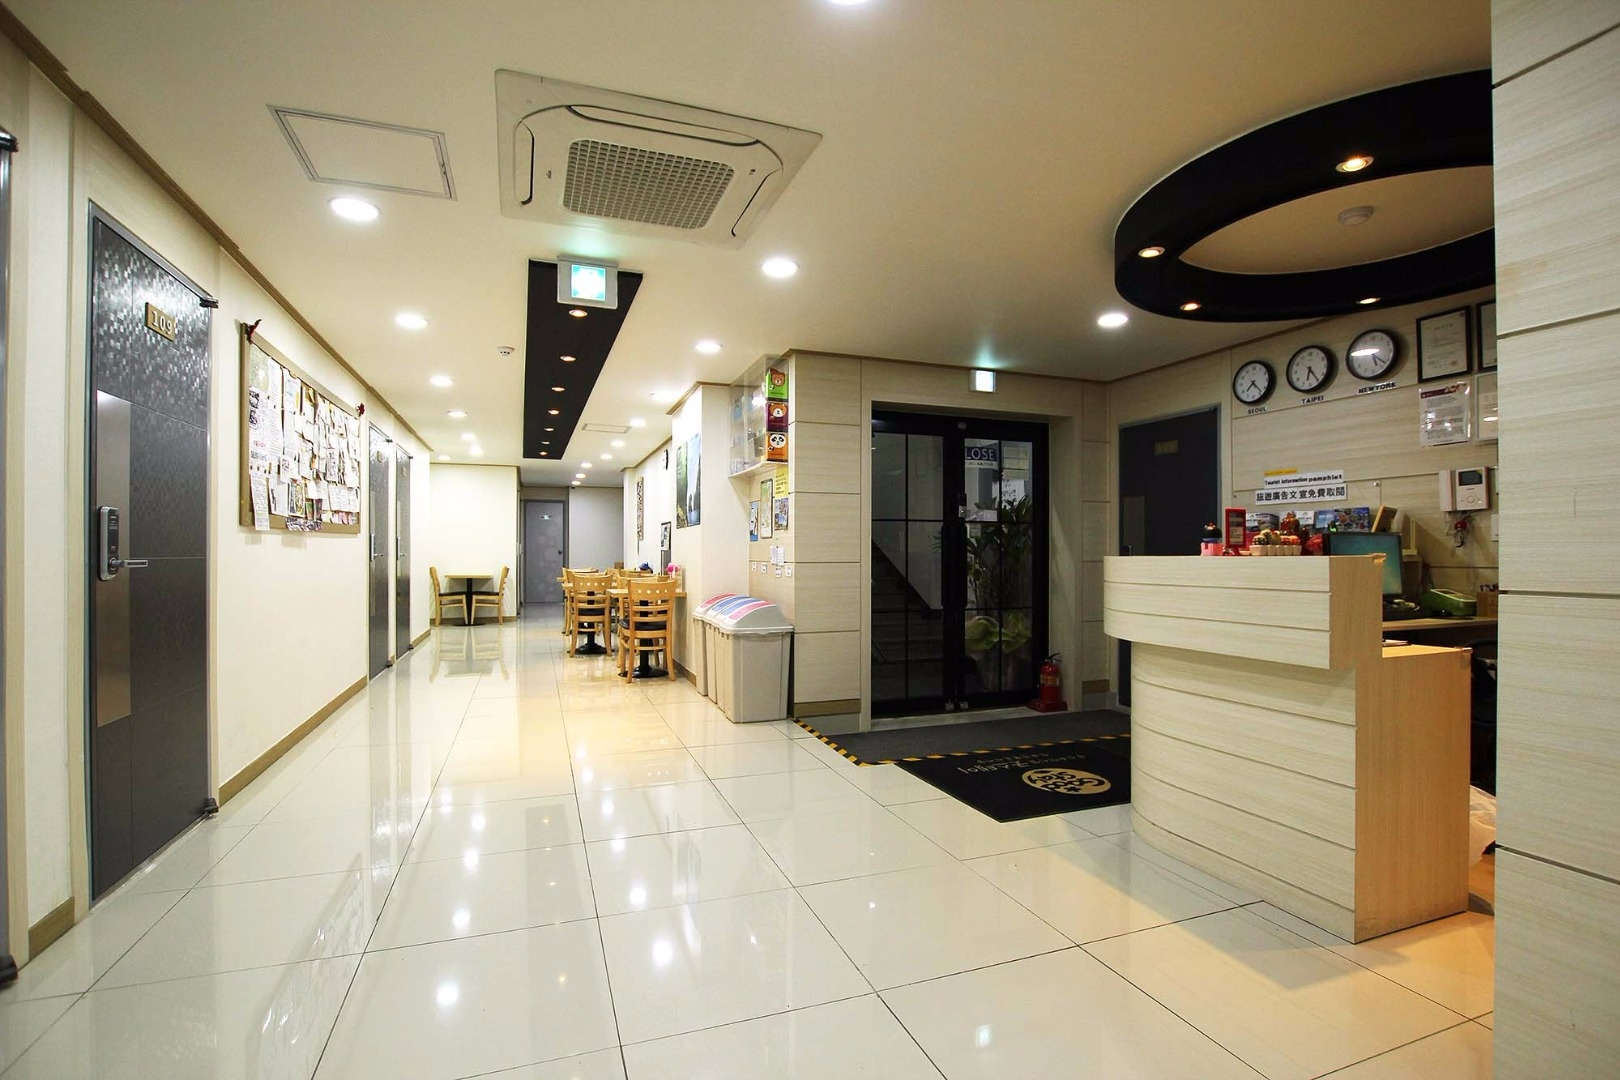 相片來源:韓國首爾民宿 KoTa House